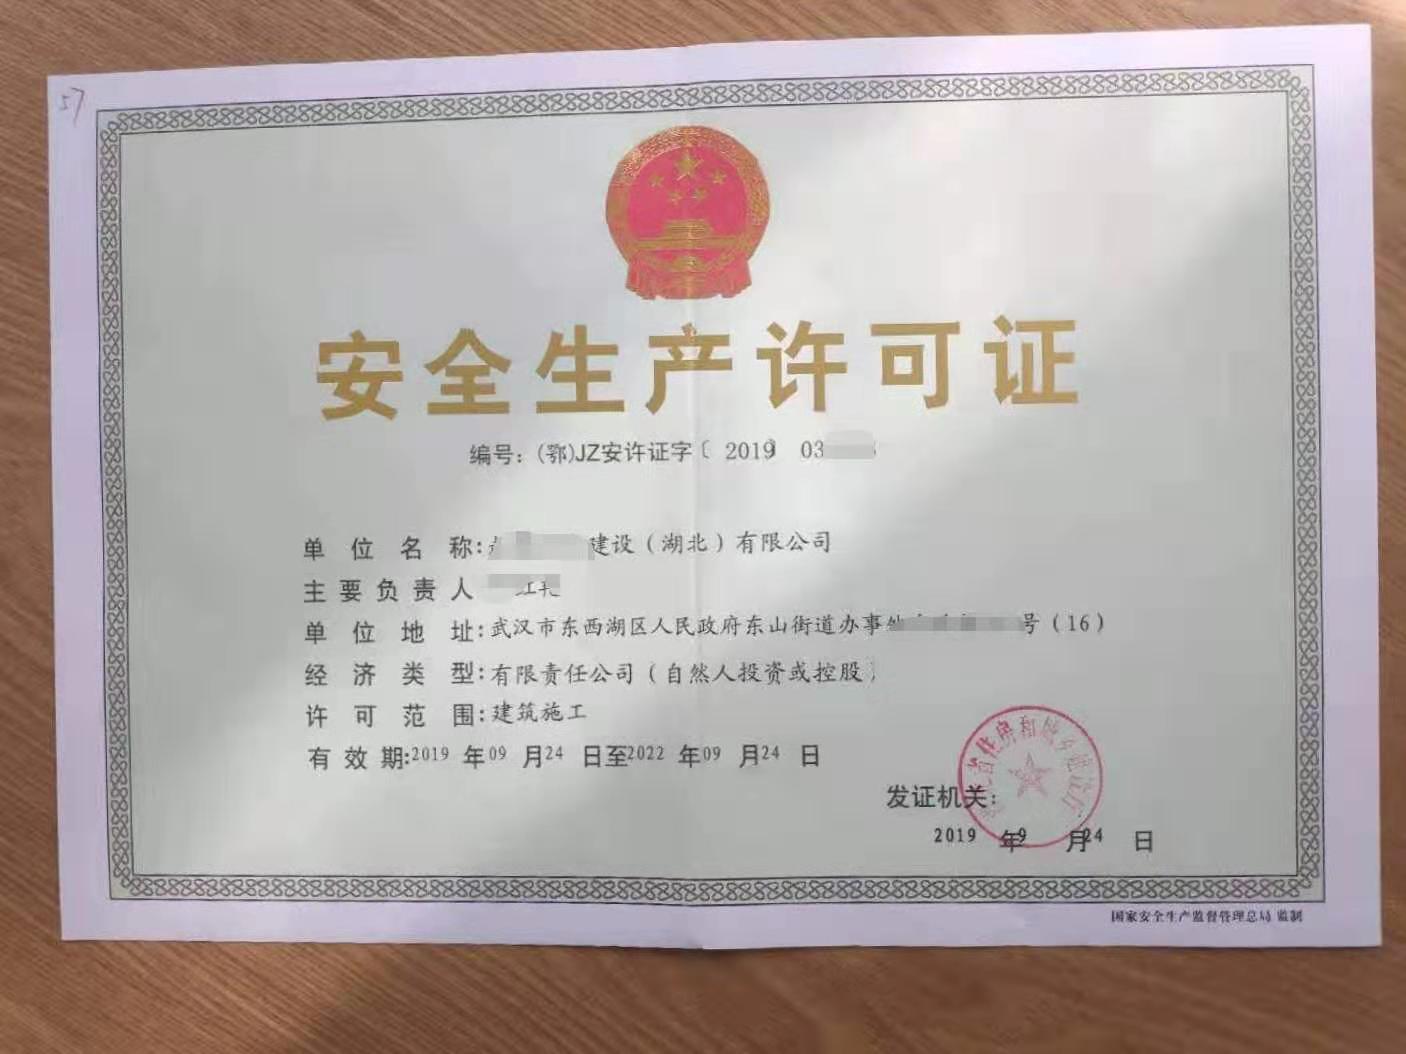 施工企业安全生产许可证